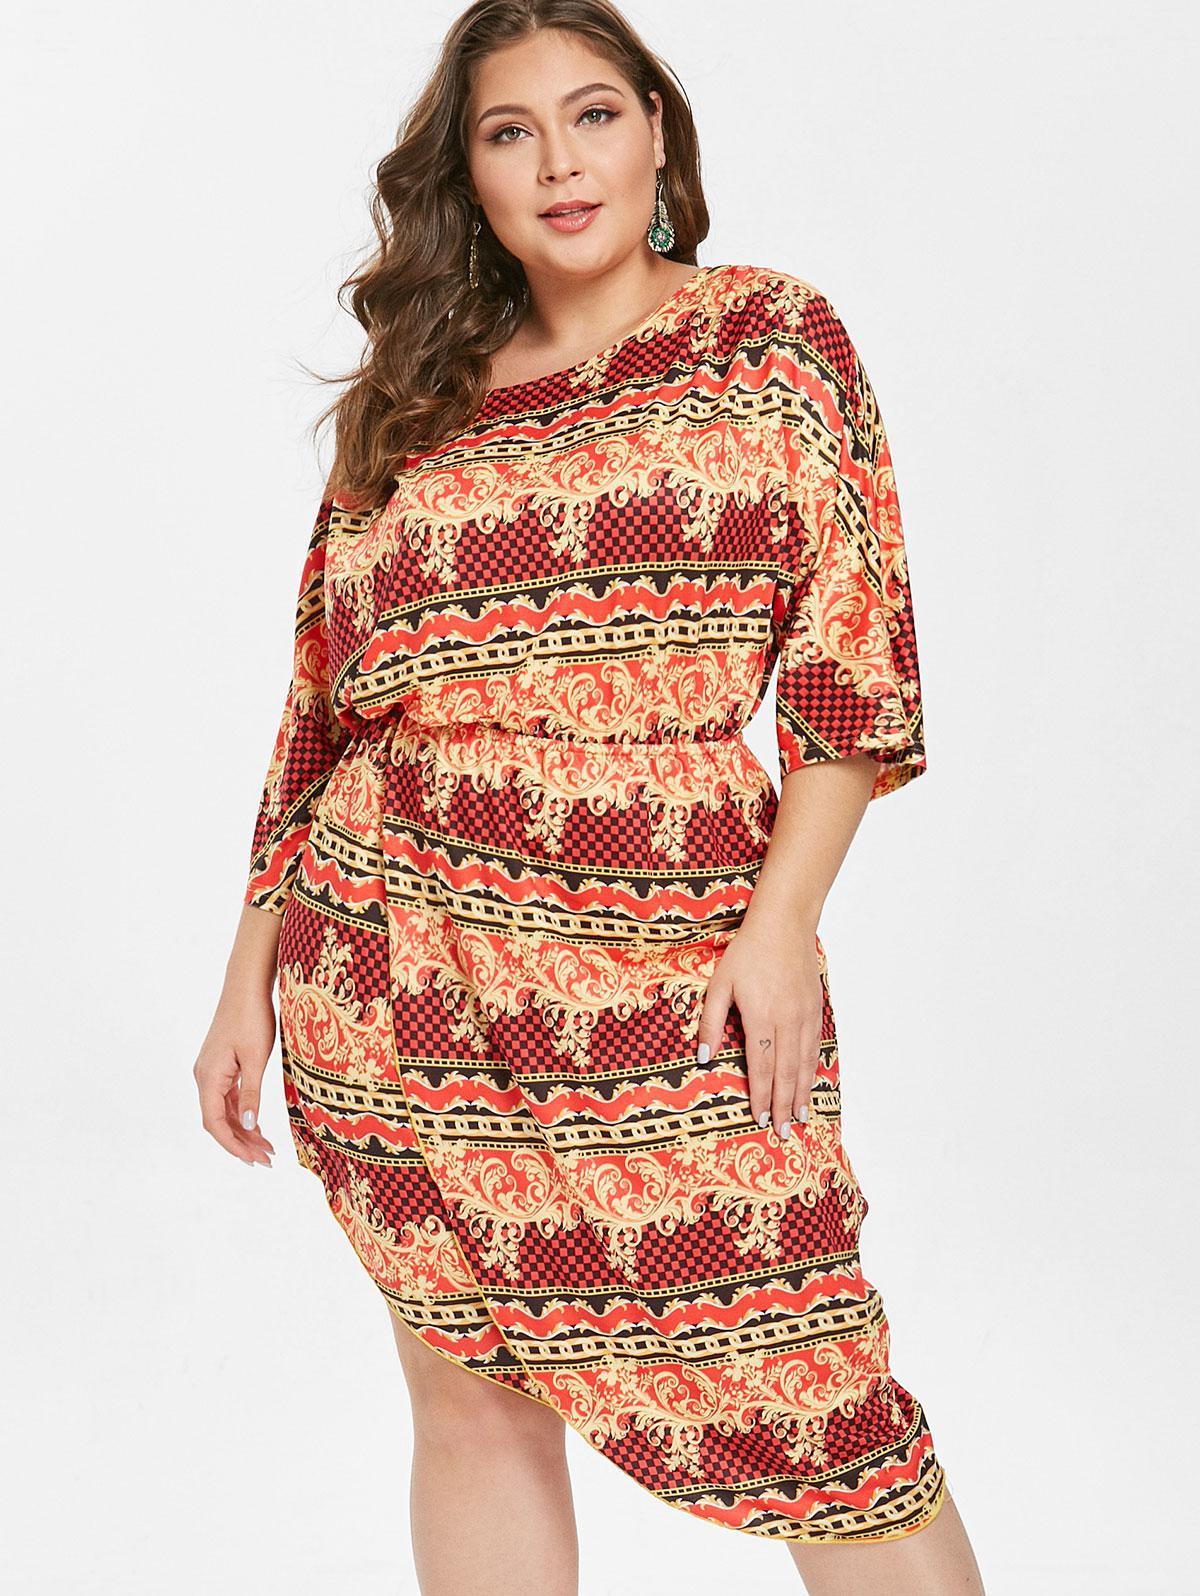 Printed Plus Size Asymmetrical Dress